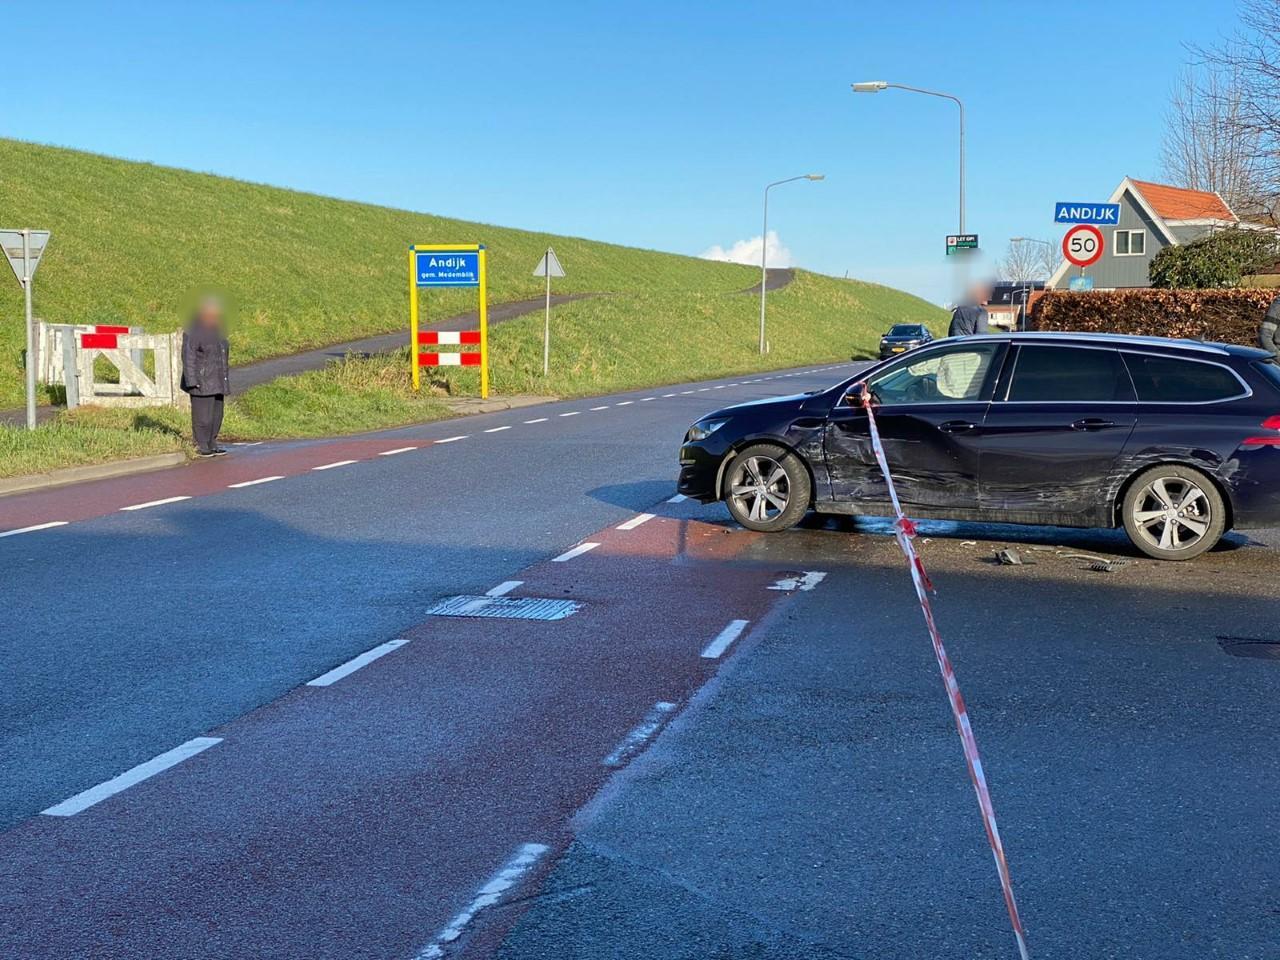 Aanrijding in Andijk; bestuurder die doorreed inmiddels opgepakt [update]